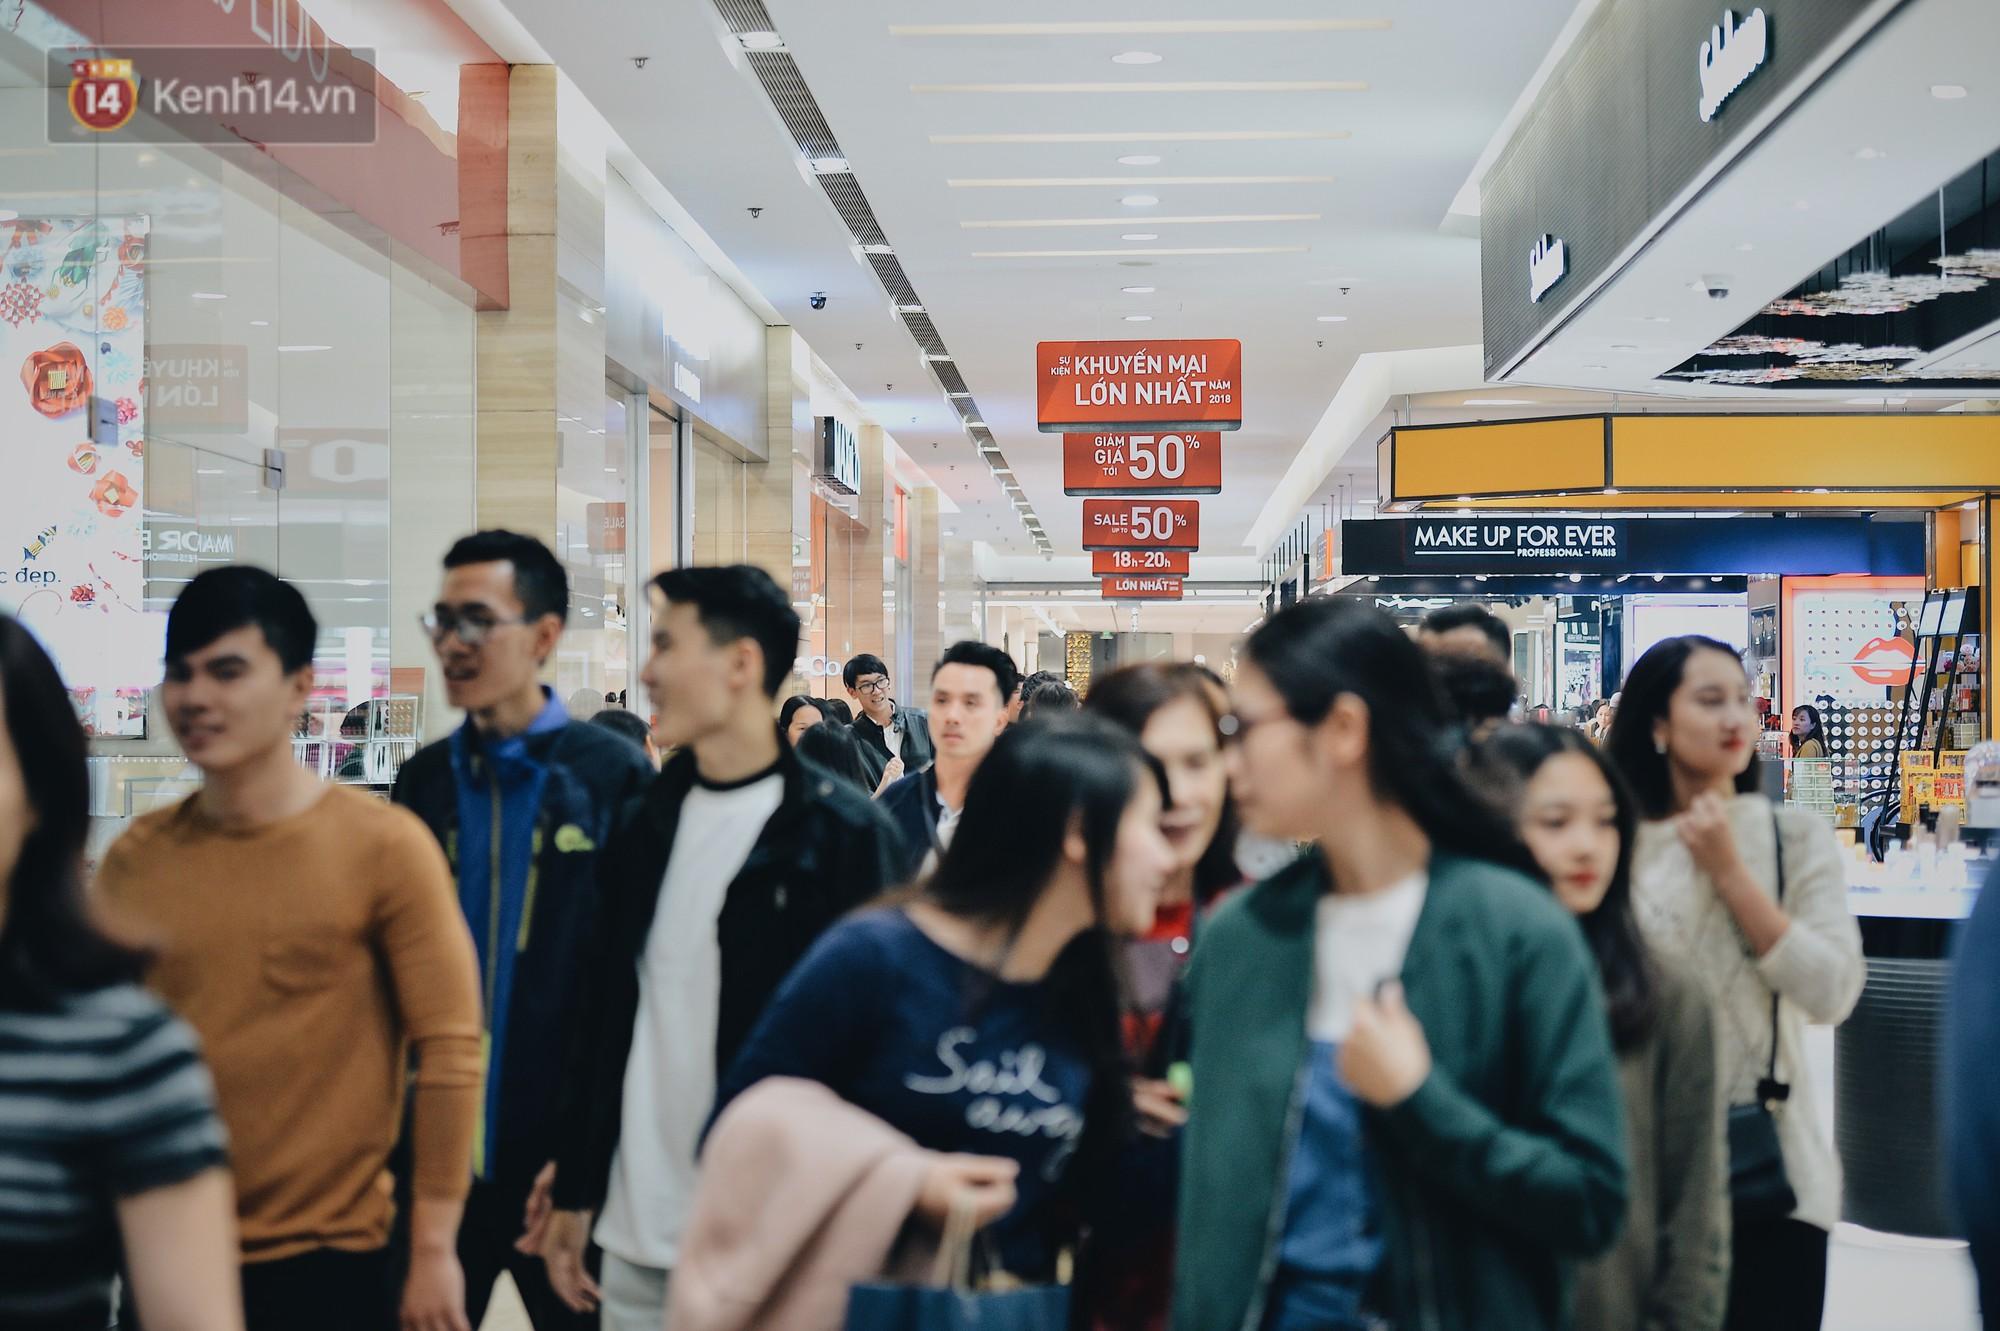 Cơn sốt Black Friday: TTTM ở Hà Nội mở cửa tới nửa đêm, trẻ nhỏ theo chân bố mẹ đi săn sale - Ảnh 1.